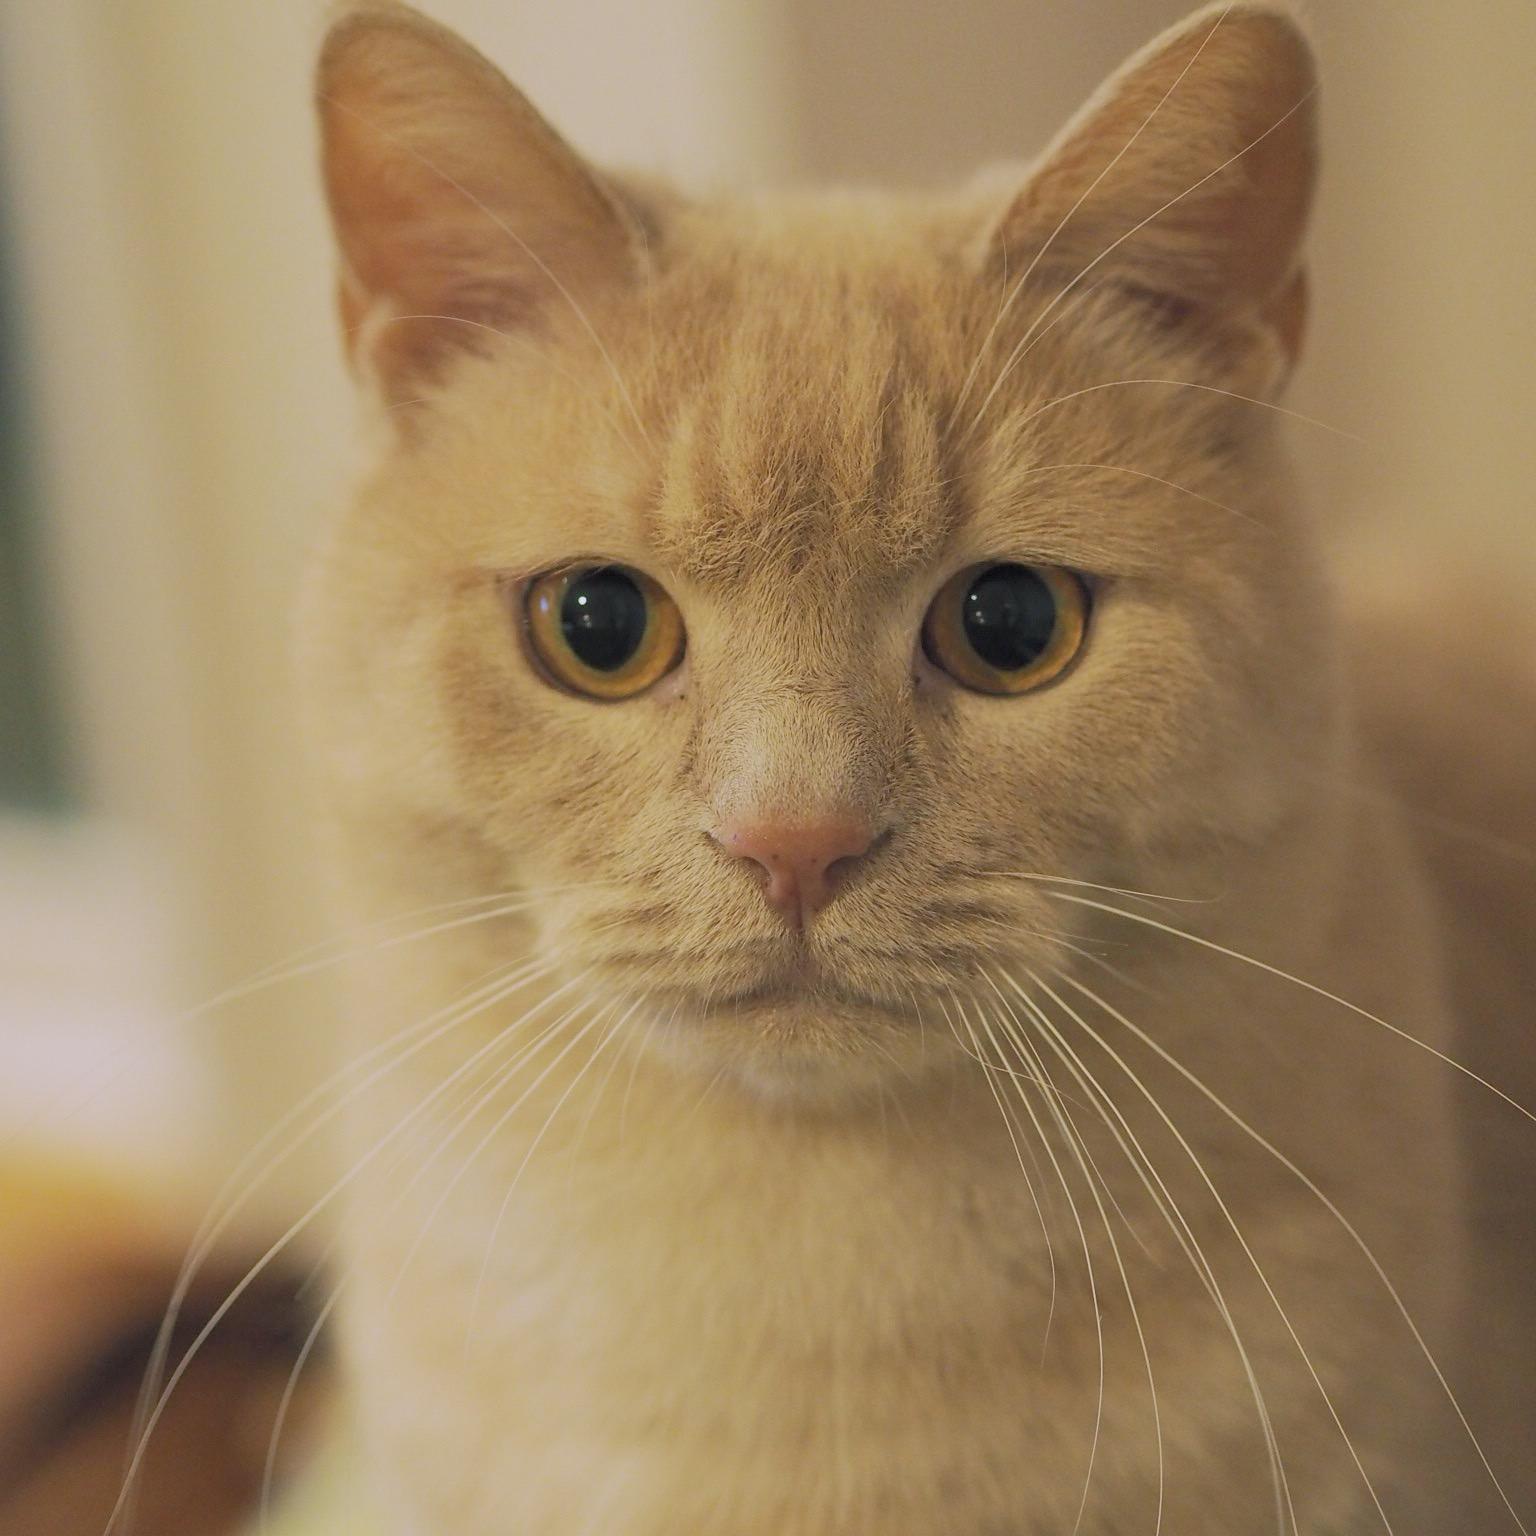 タレ目の猫